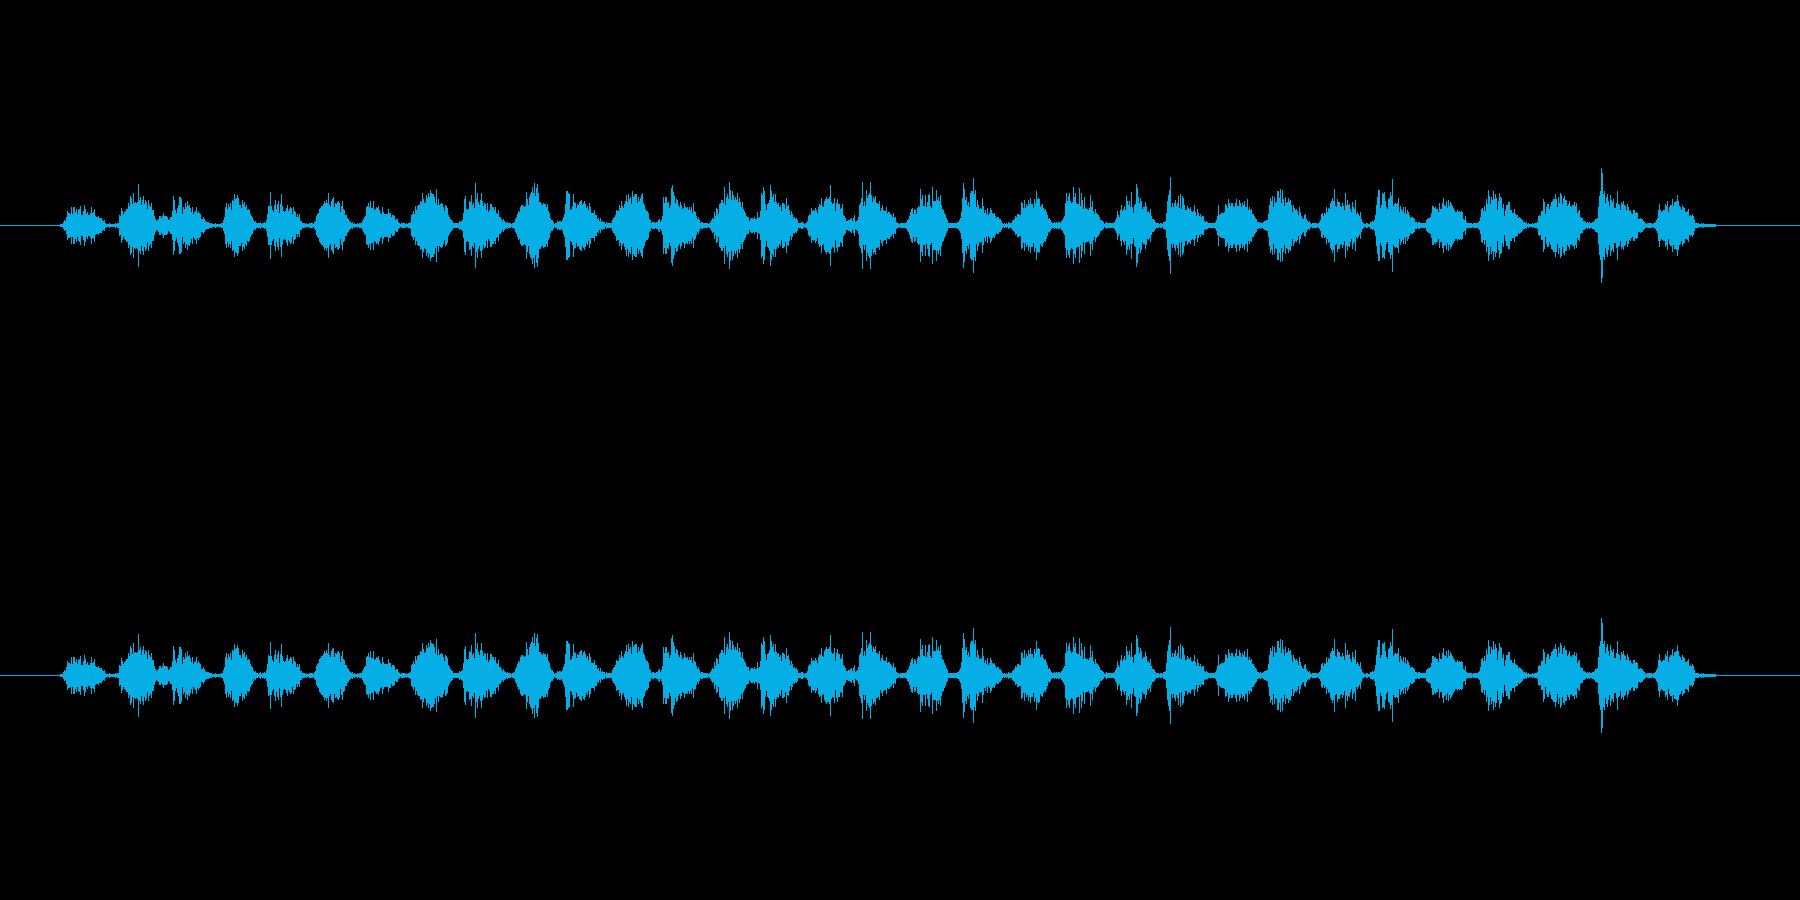 【消しゴム01-6(こする)】の再生済みの波形